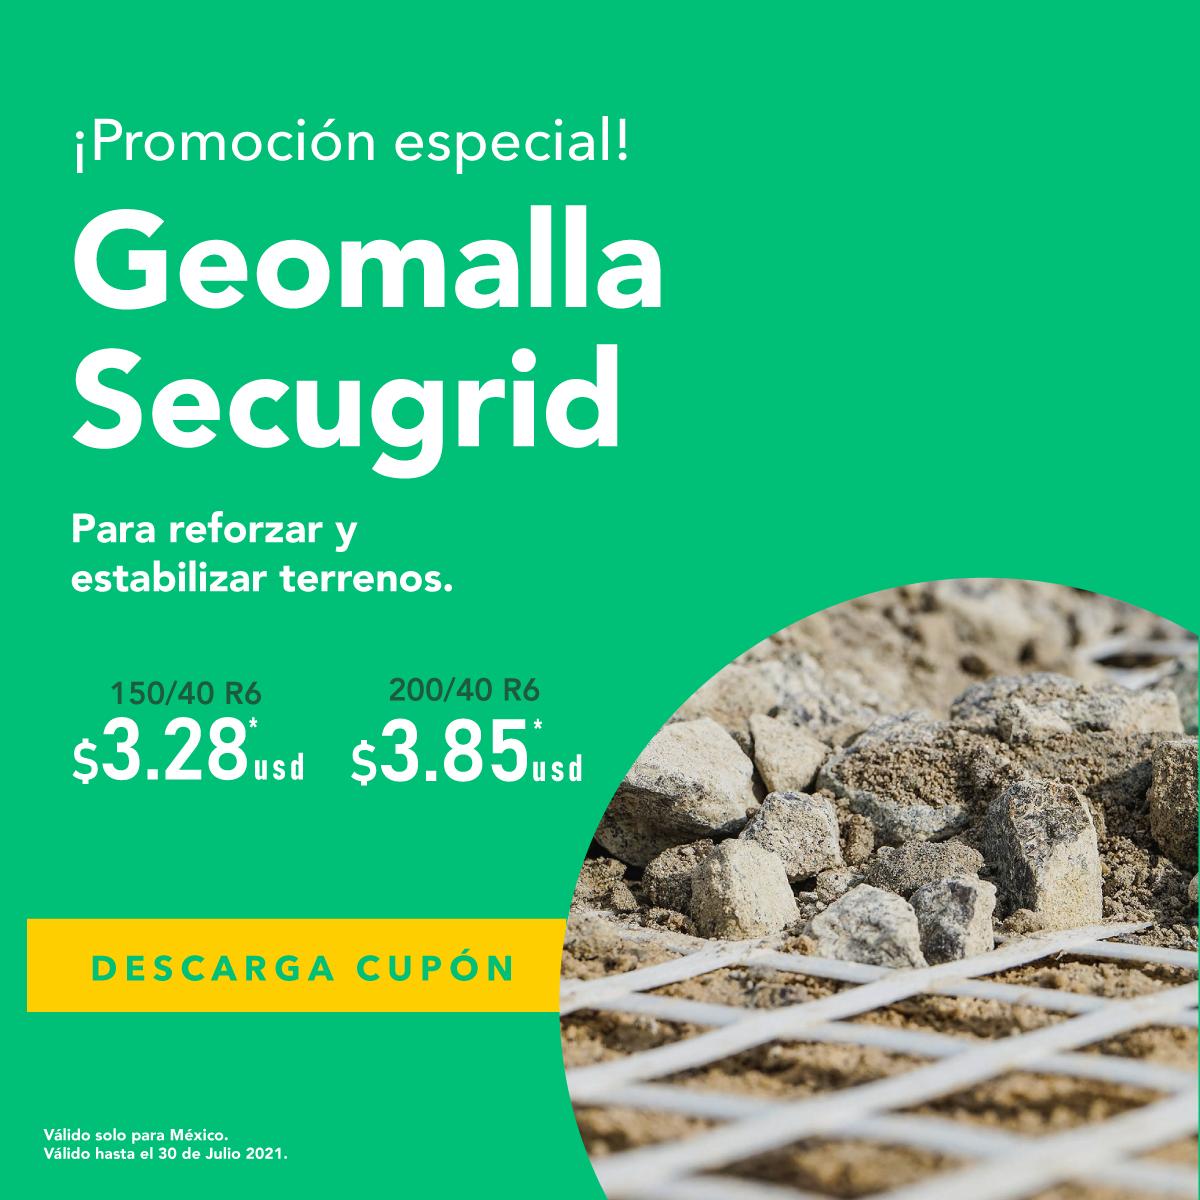 promo-secugrid_JUN21